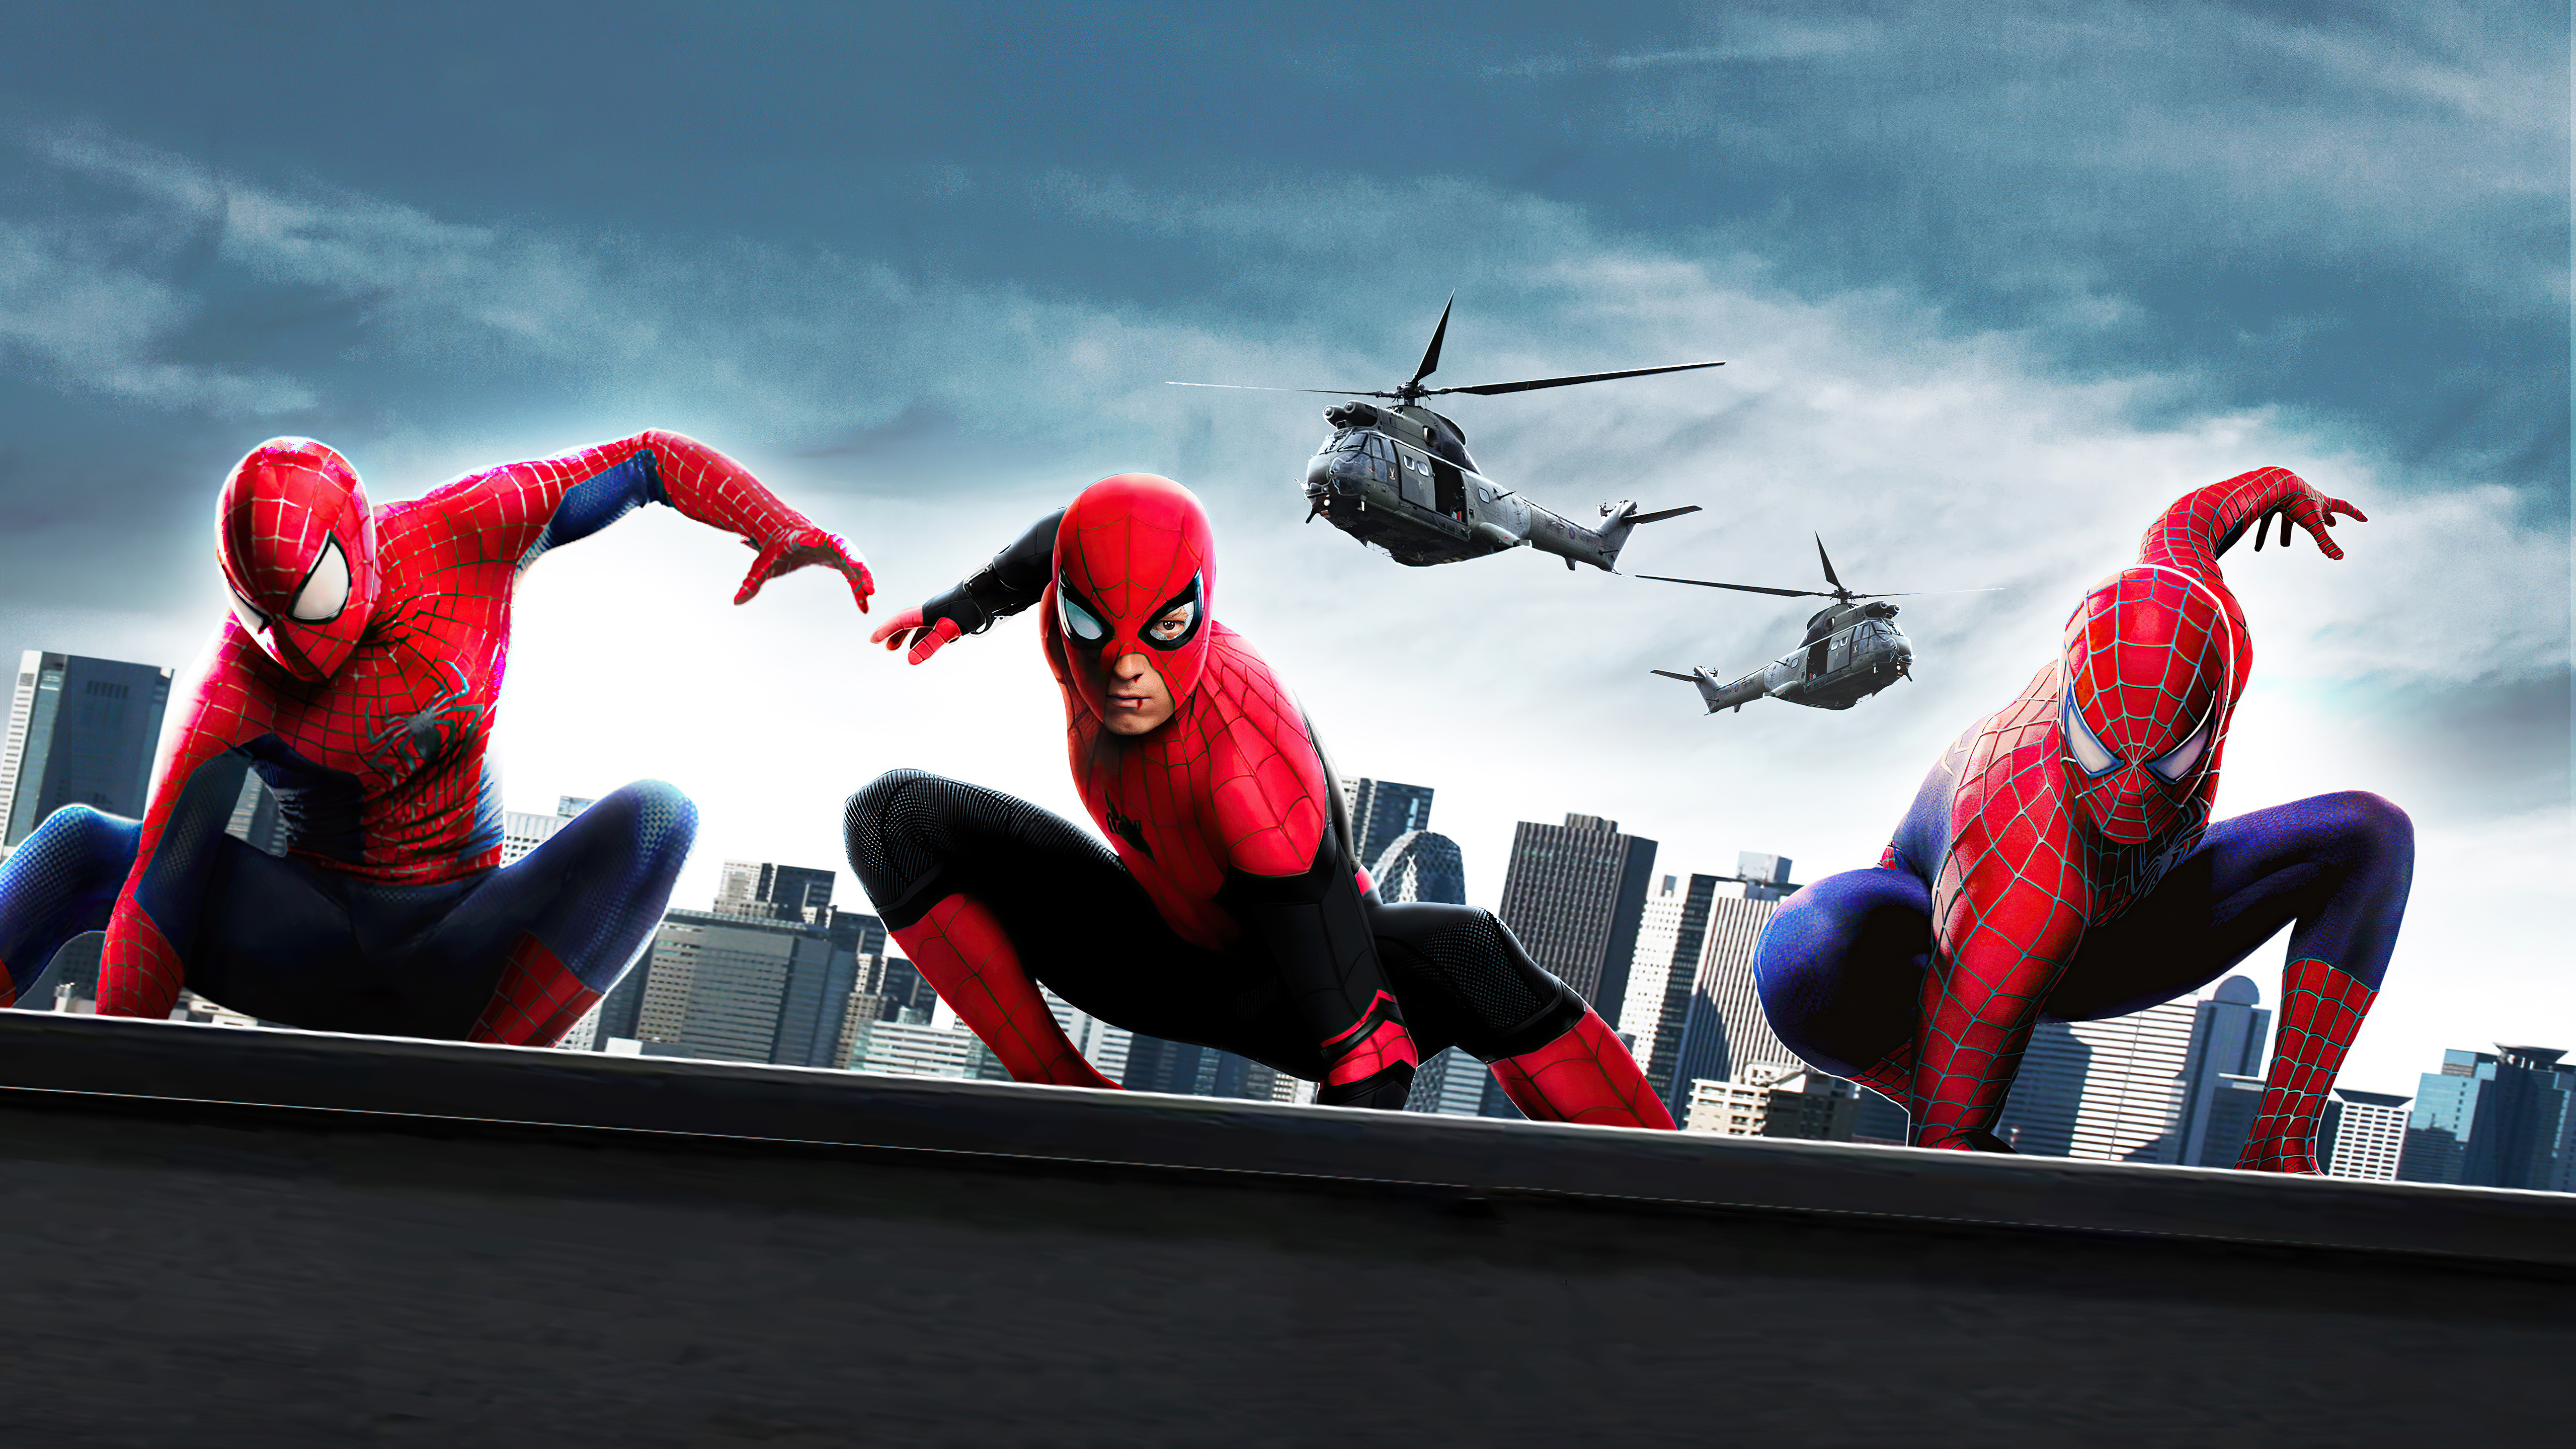 Wallpaper Three spiderman